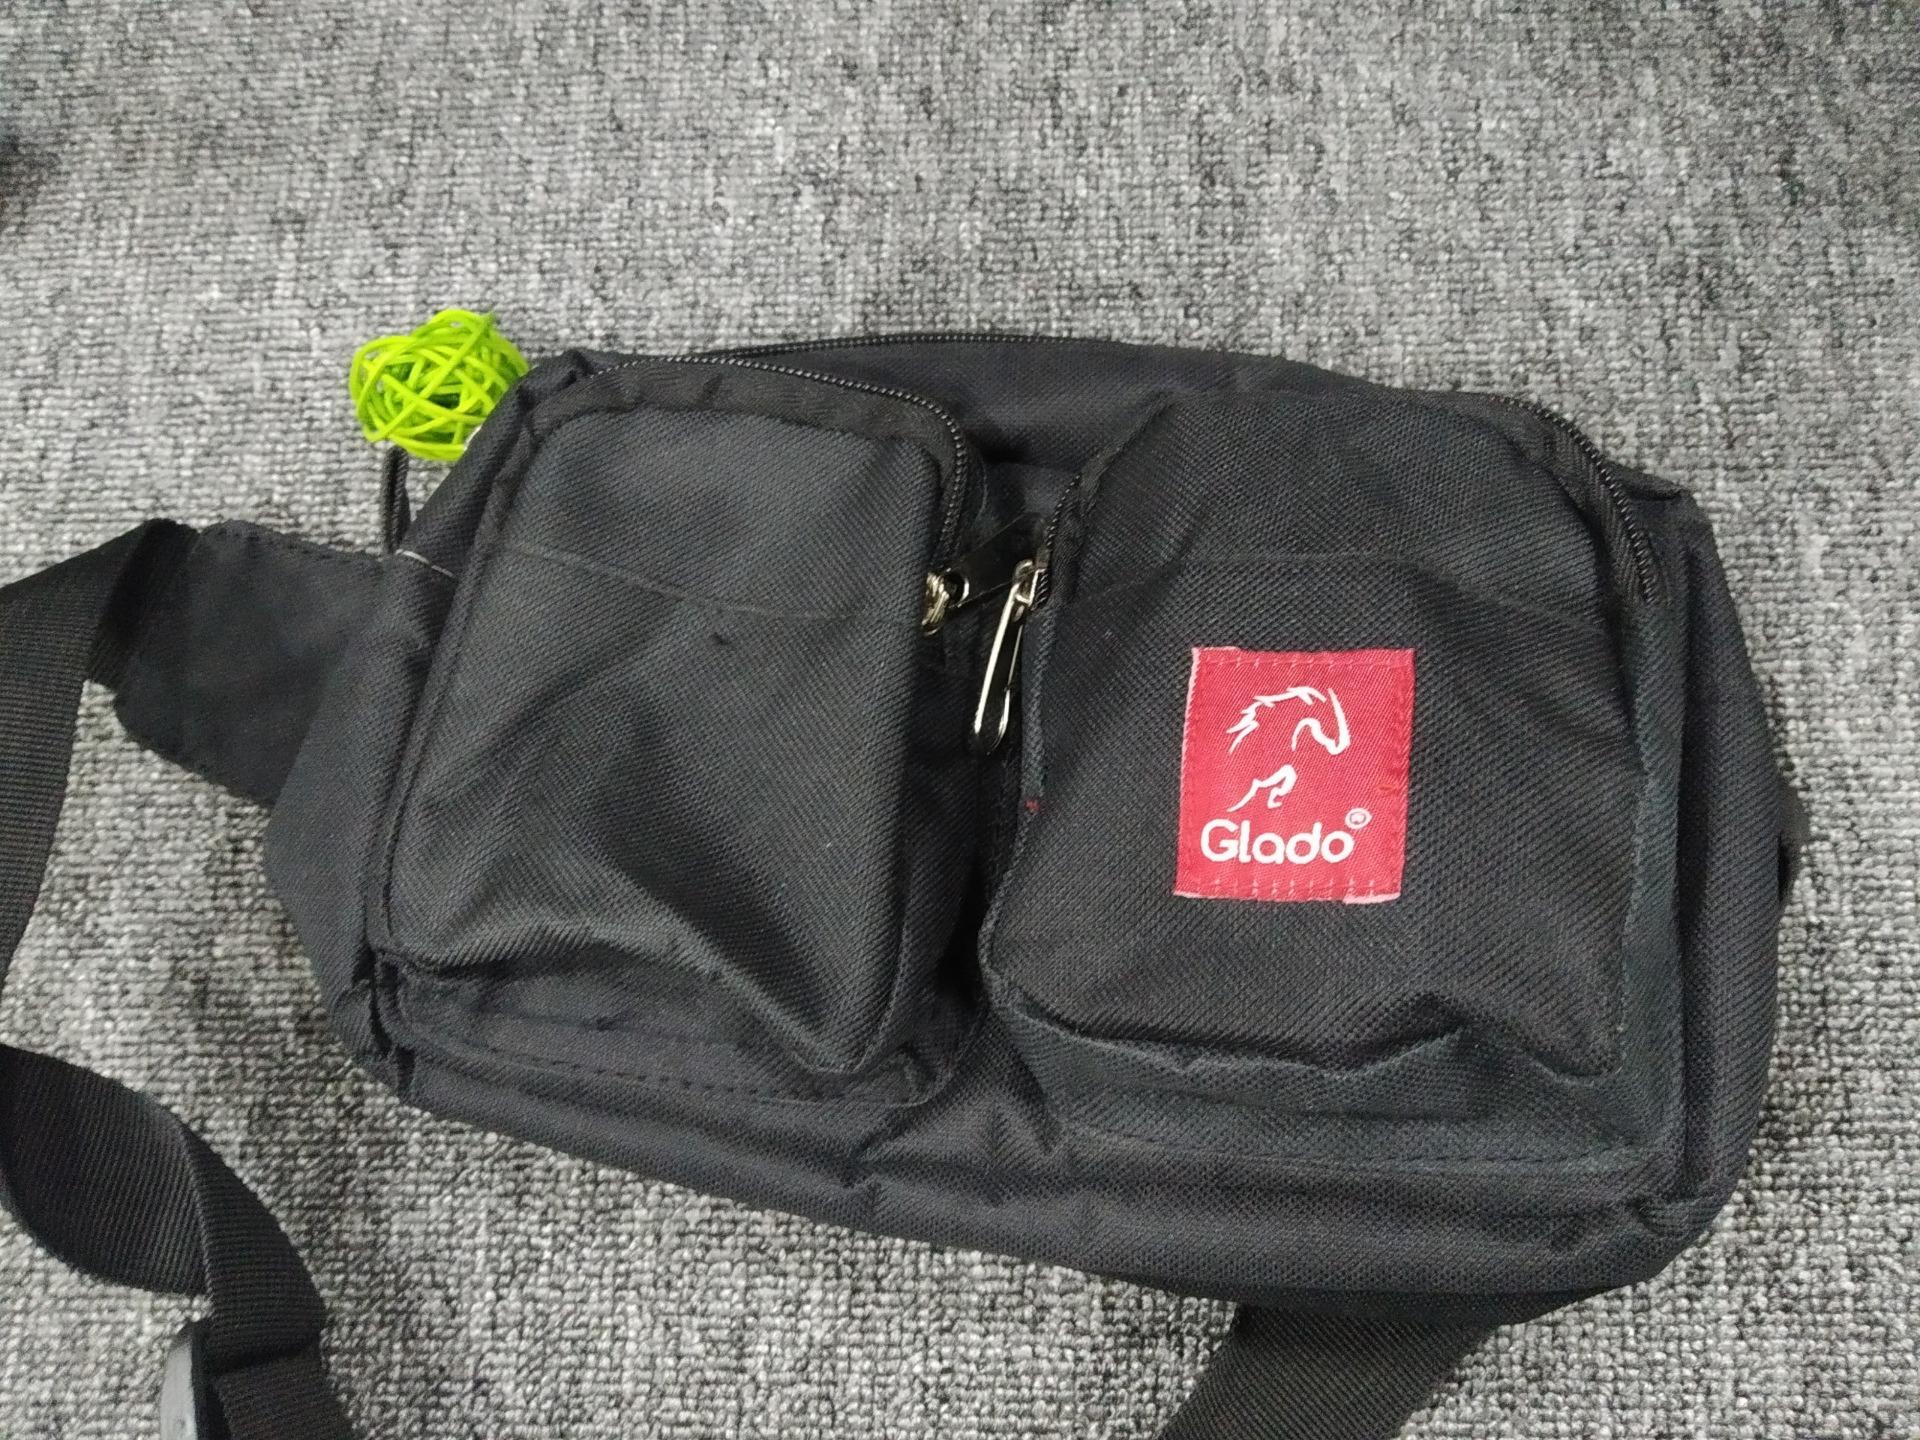 Túi đeo hông mini đựng tiền, túi đeo hông thể thao giá rẻ